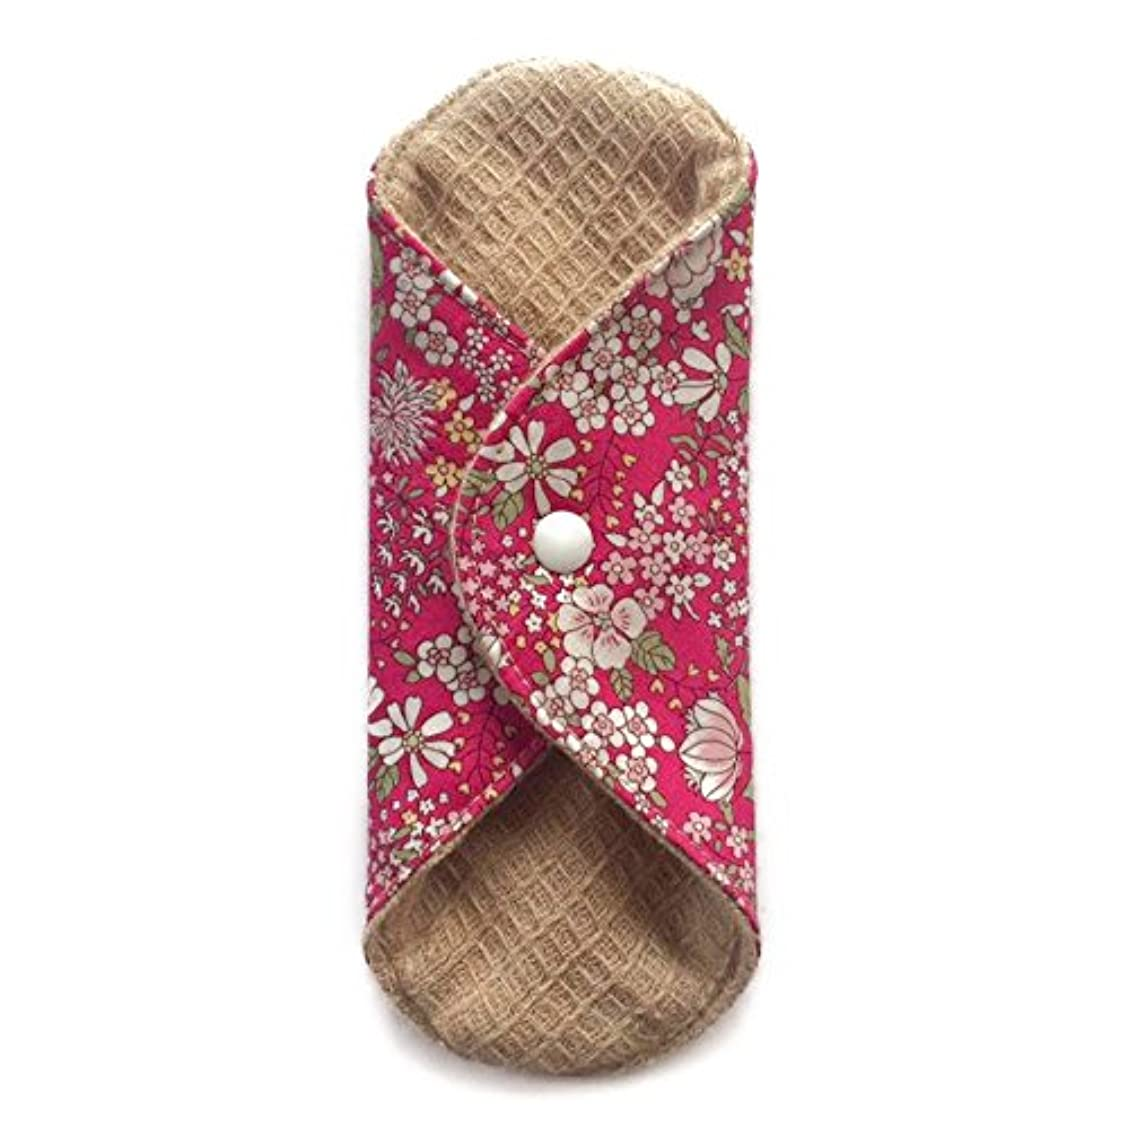 ジレンマ悩みデッキ華布のオーガニックコットンの極み あたため布 Sサイズ (約13×約13×約0.6cm) 雅(ローズ)